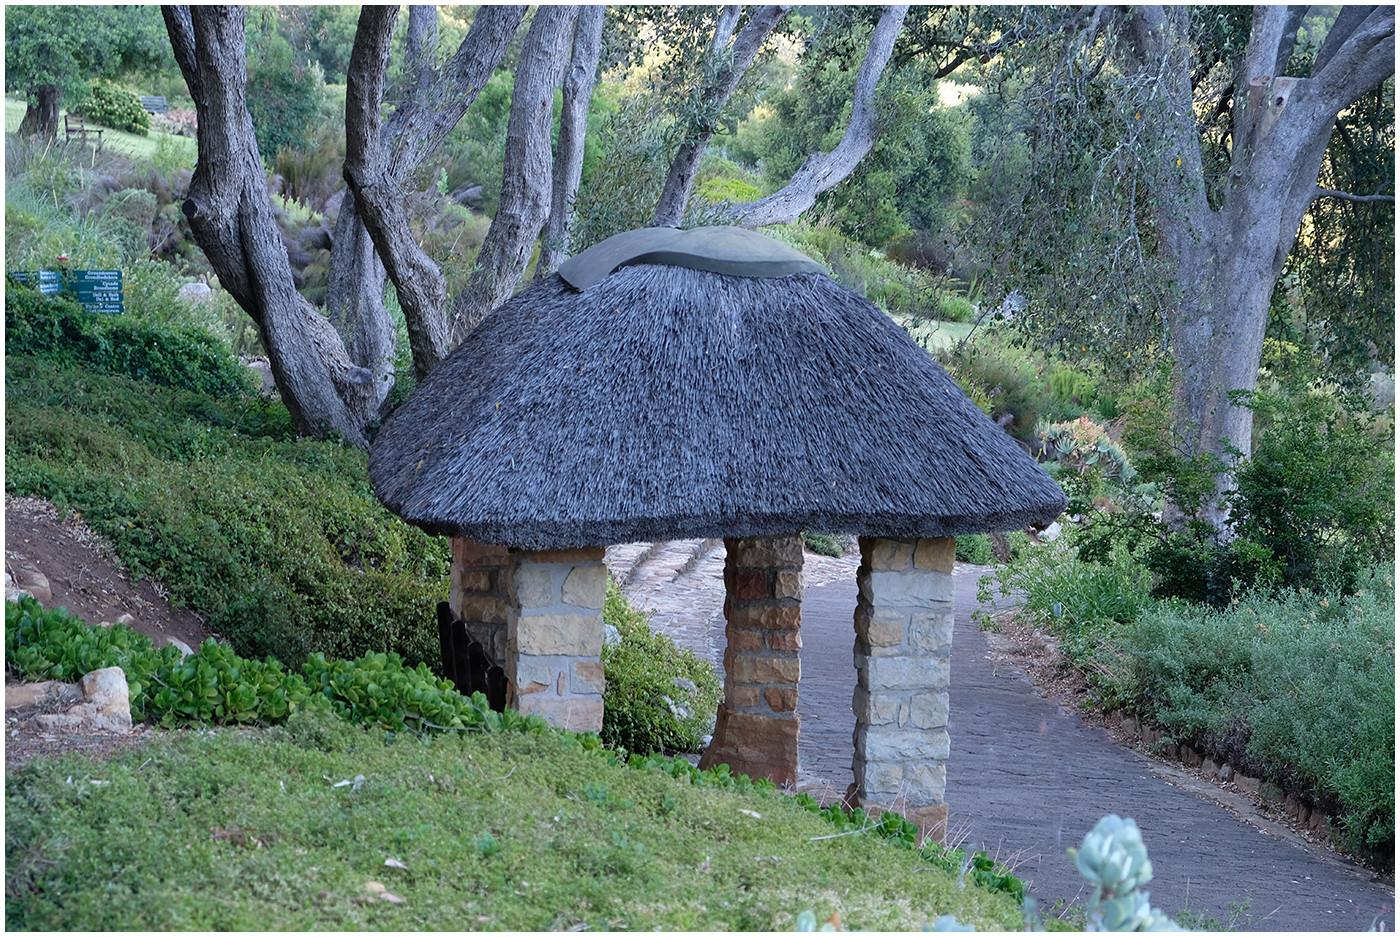 Hut in Kirstenbosch